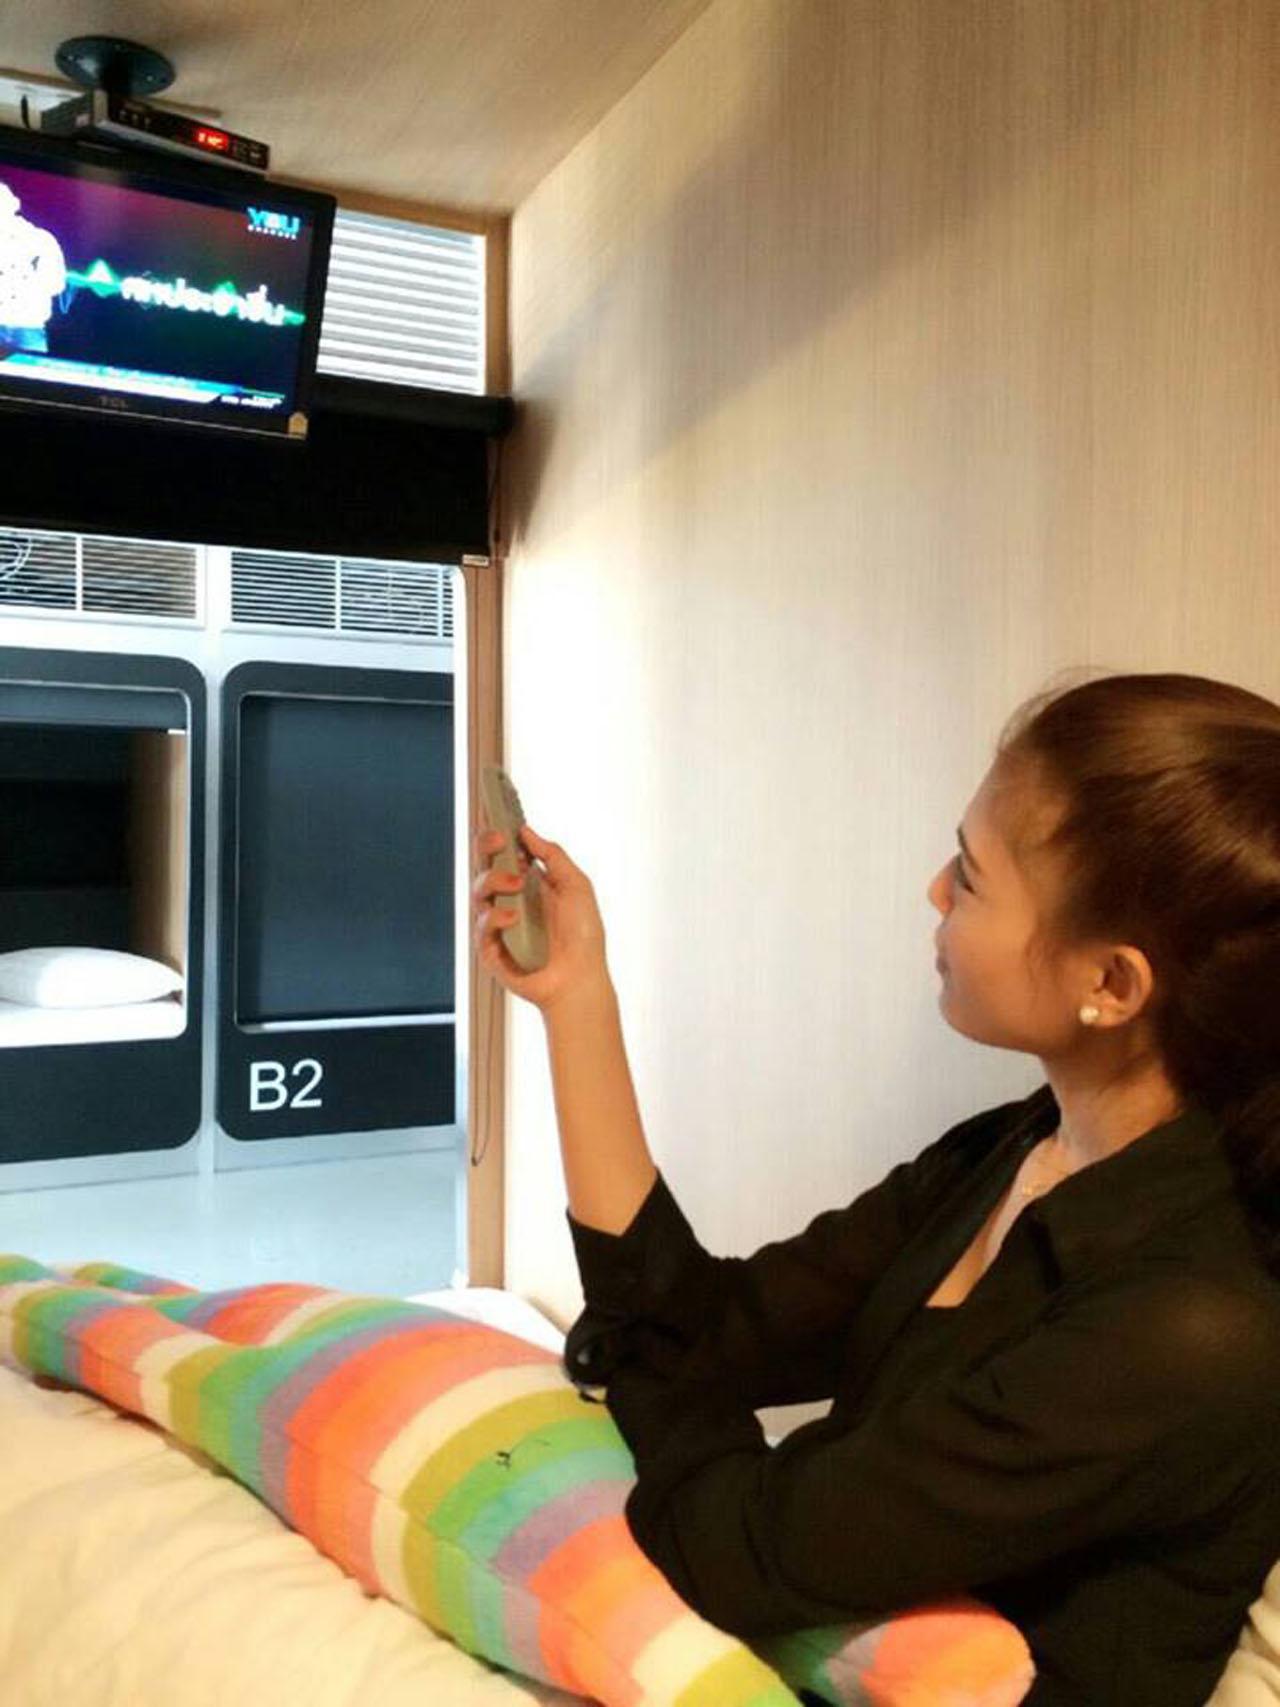 เห็นเล็กๆ แบบนี้ มีทีวีให้ดูด้วยนะ แต่ต้องใช้หูฟังเพื่อไม่ให้รบกวนห้องข้างๆ